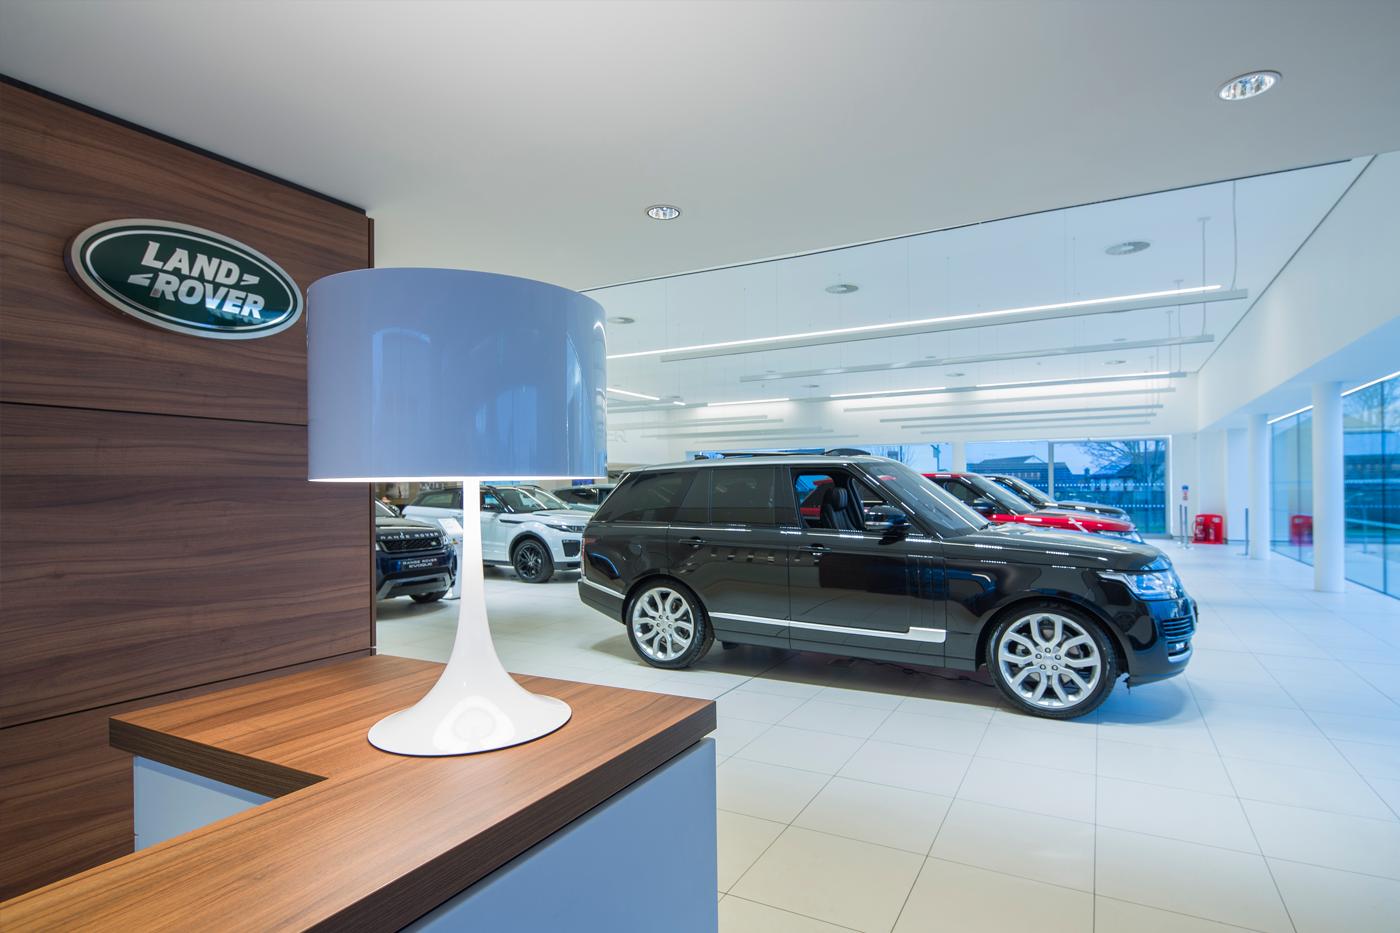 dealerships staples dealership rover land sc schemes landrover ashe jlr corner visualisation secured